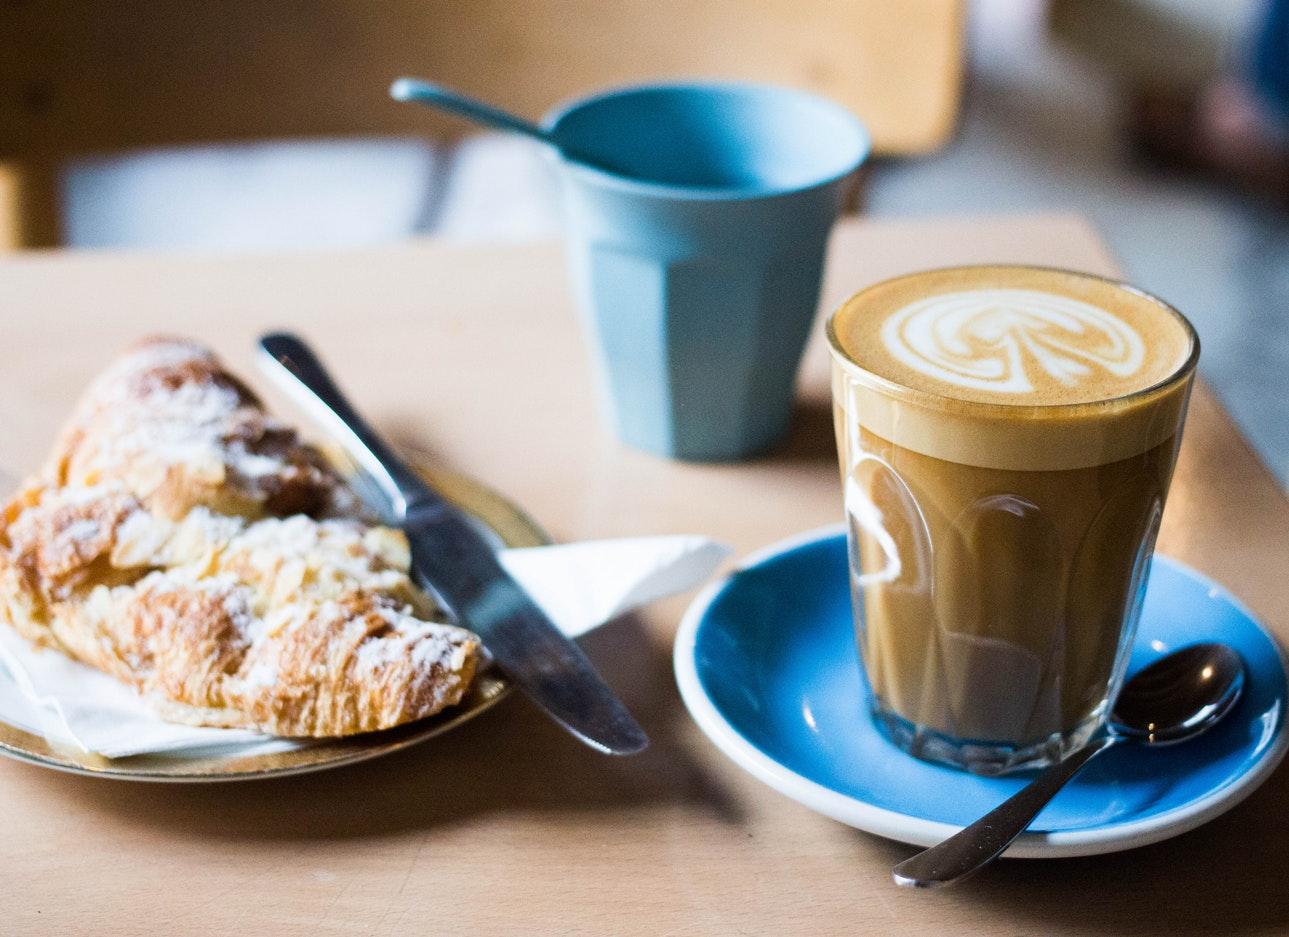 日本大通りの人気カフェ7選!おしゃれなカフェでランチやスイーツを楽しもう!